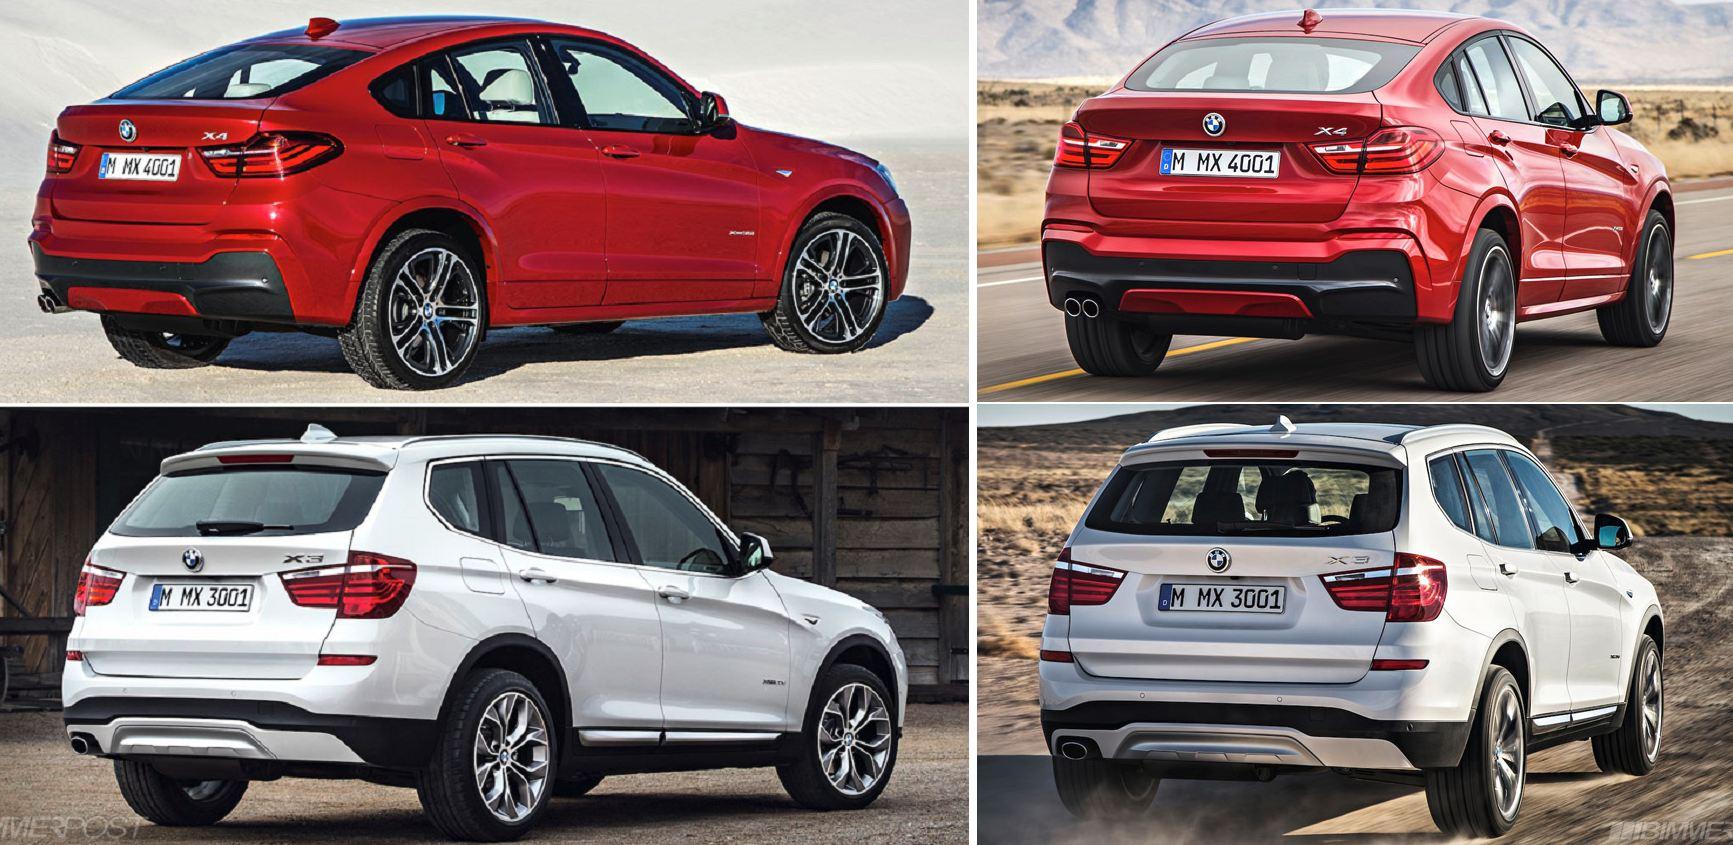 BMW X4 X3 compare2